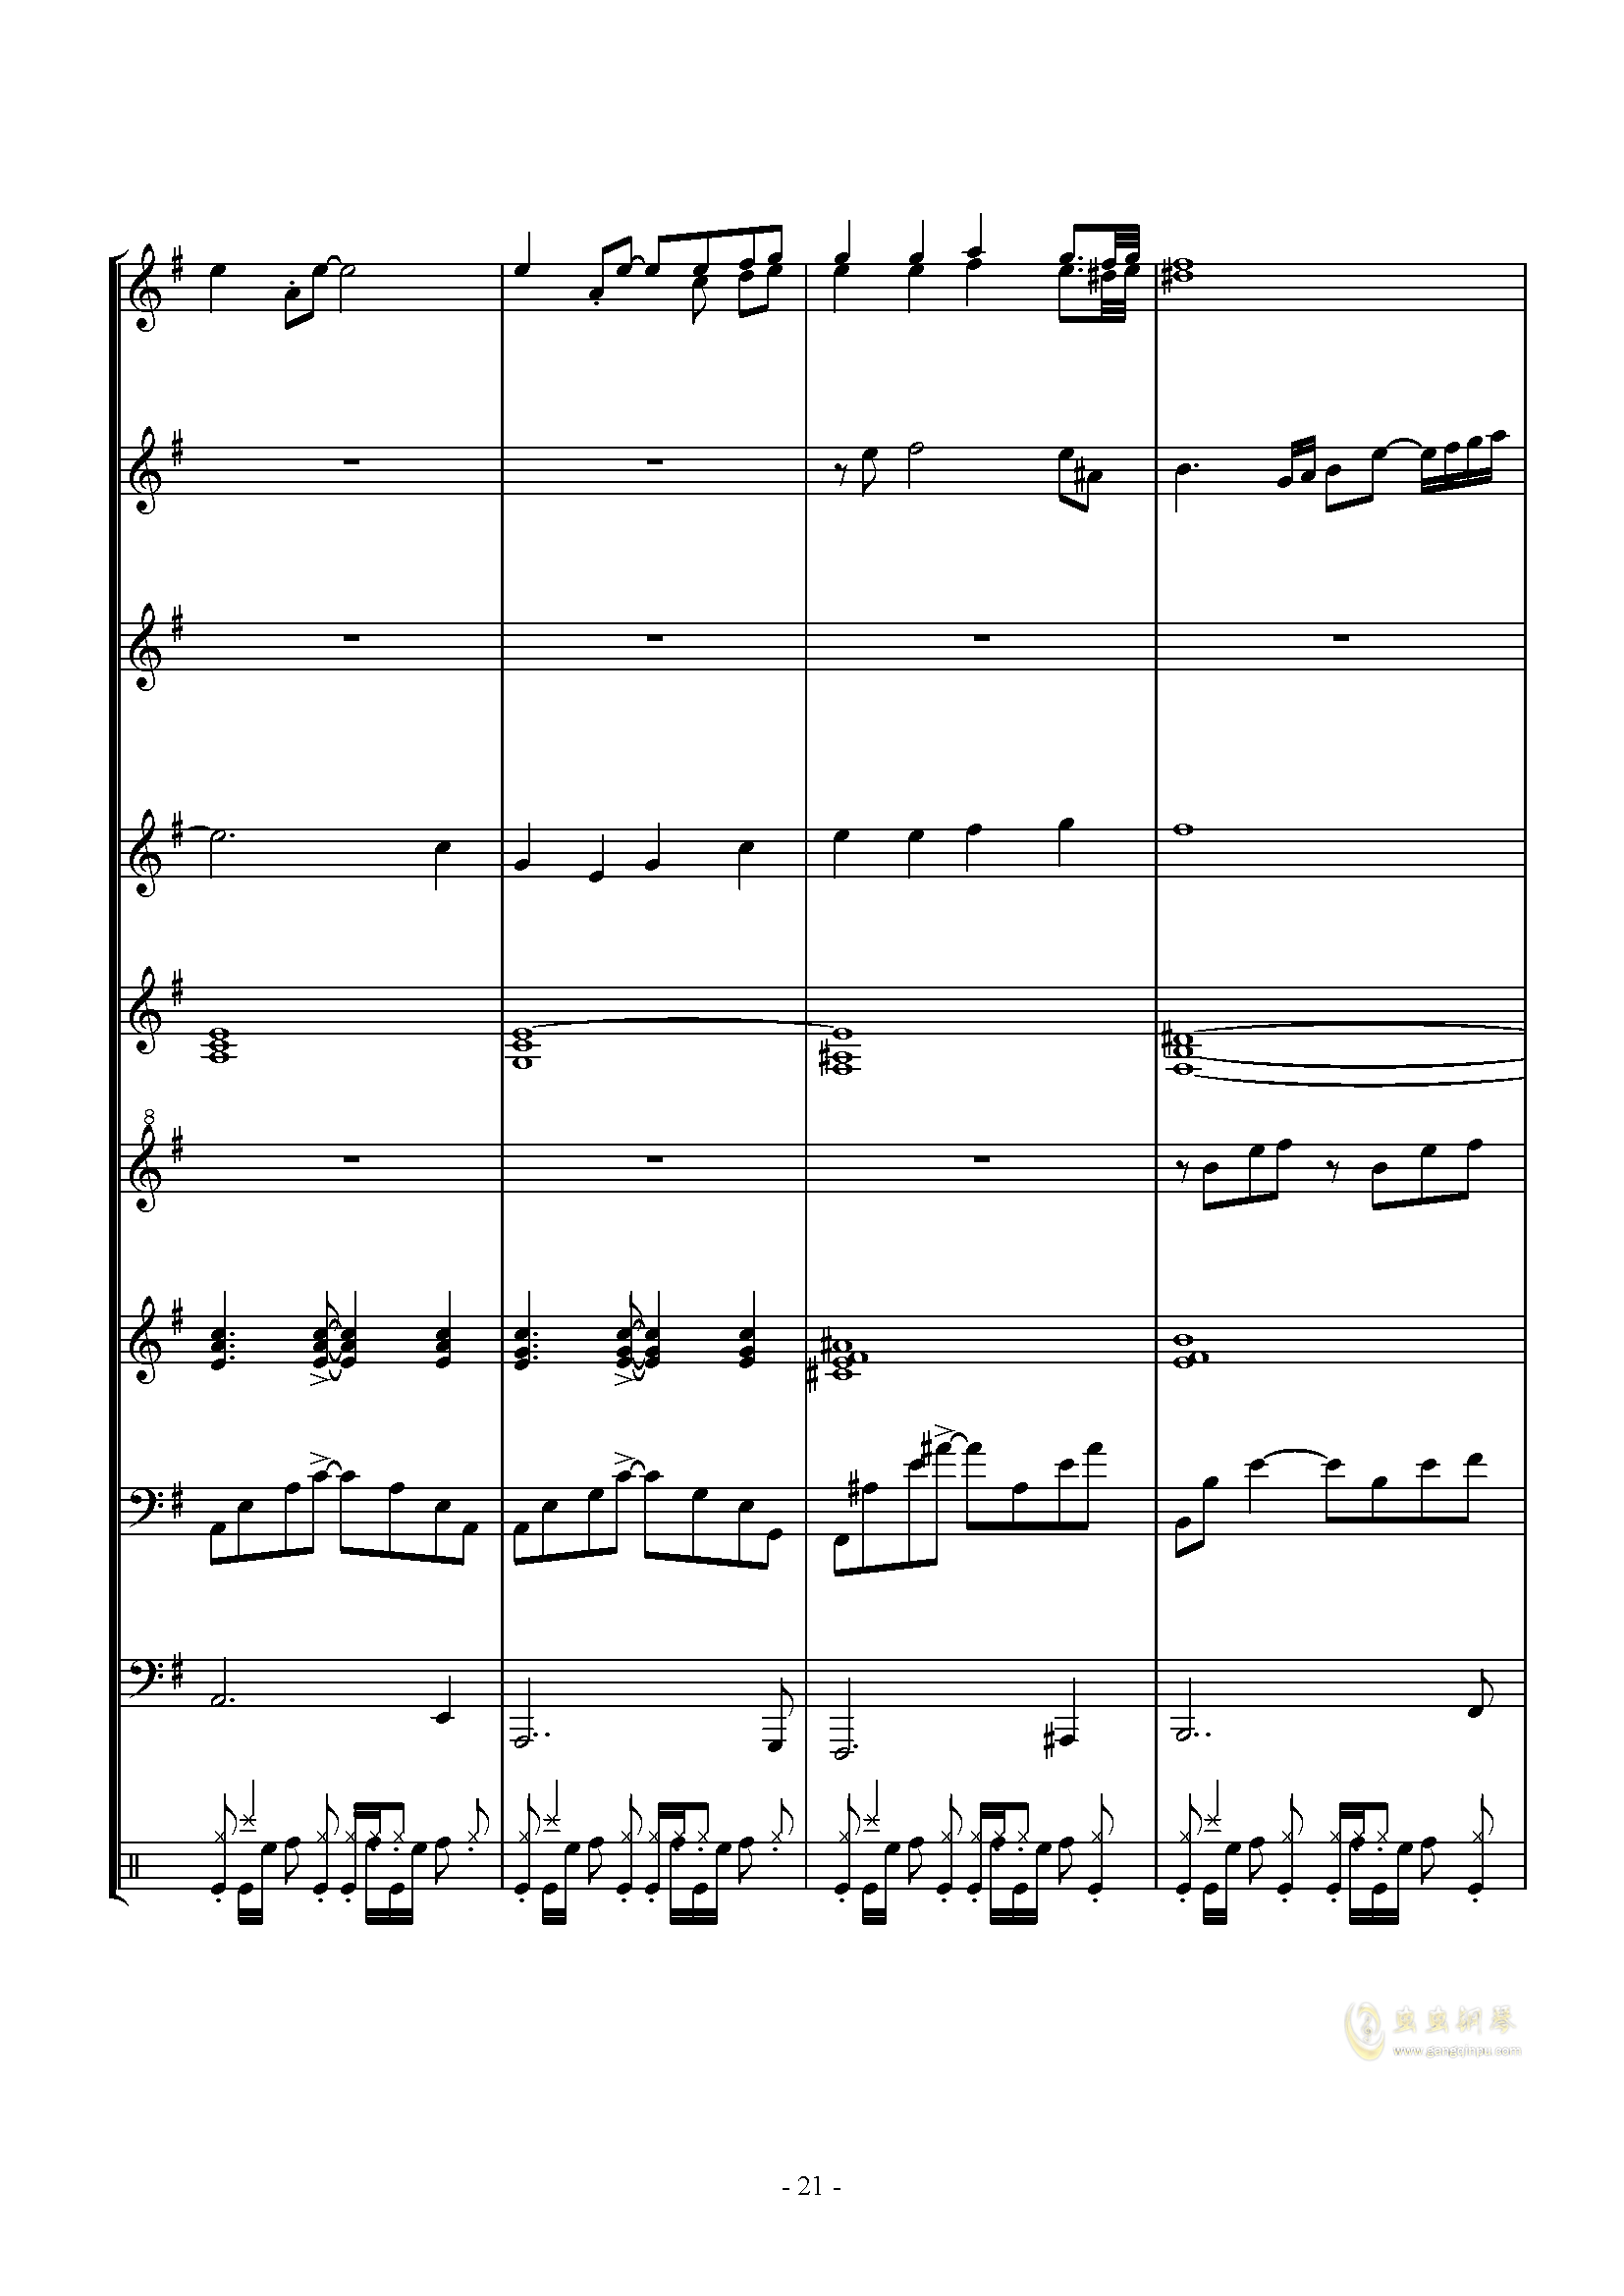 キミガタメ钢琴谱 第21页